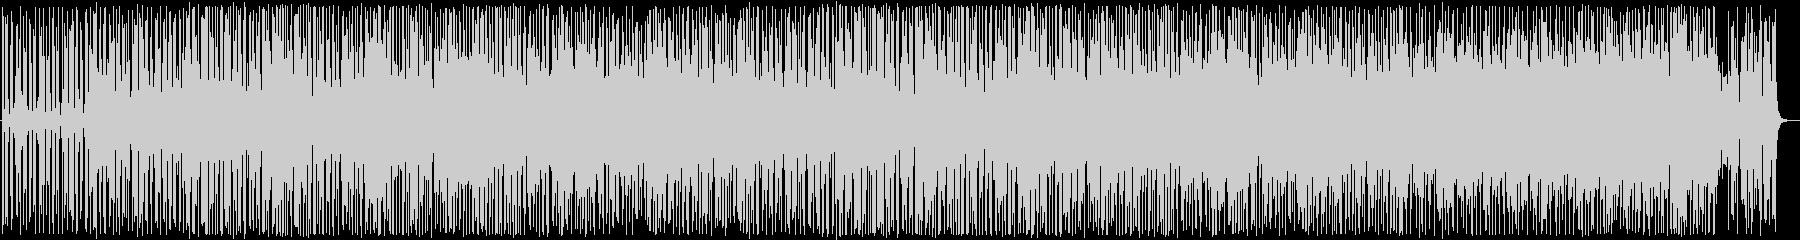 いくつかのオーケストラサウンドと非...の未再生の波形